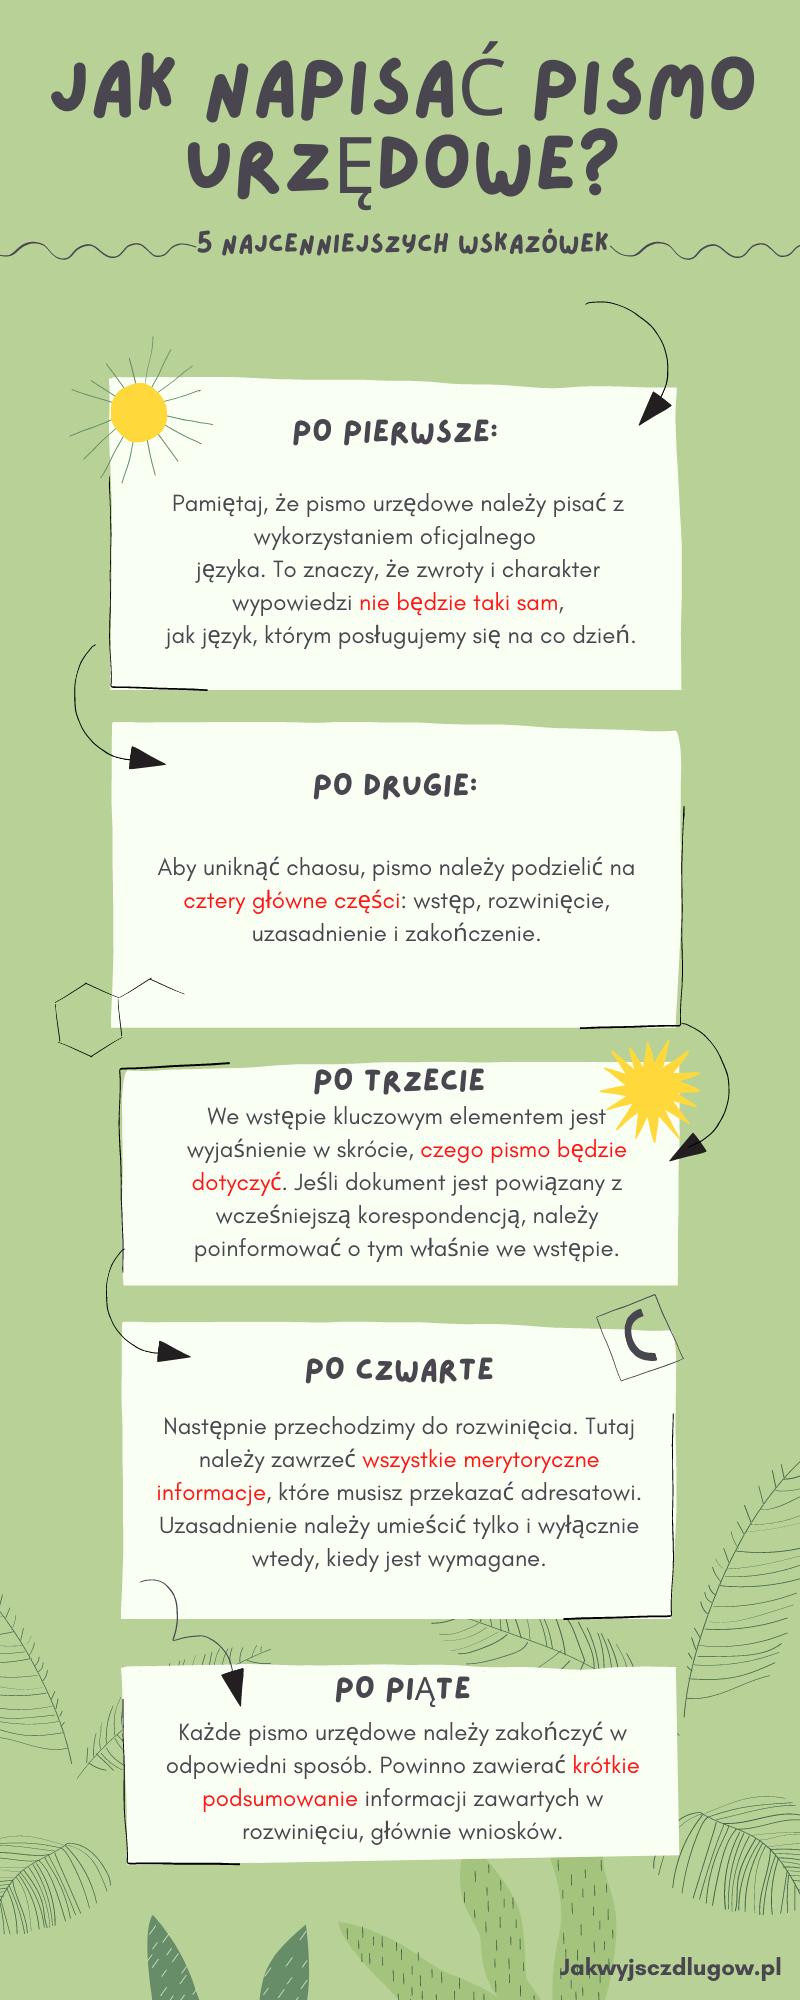 Jak-napisac-pismo-urzedowe-wzor-przyklady